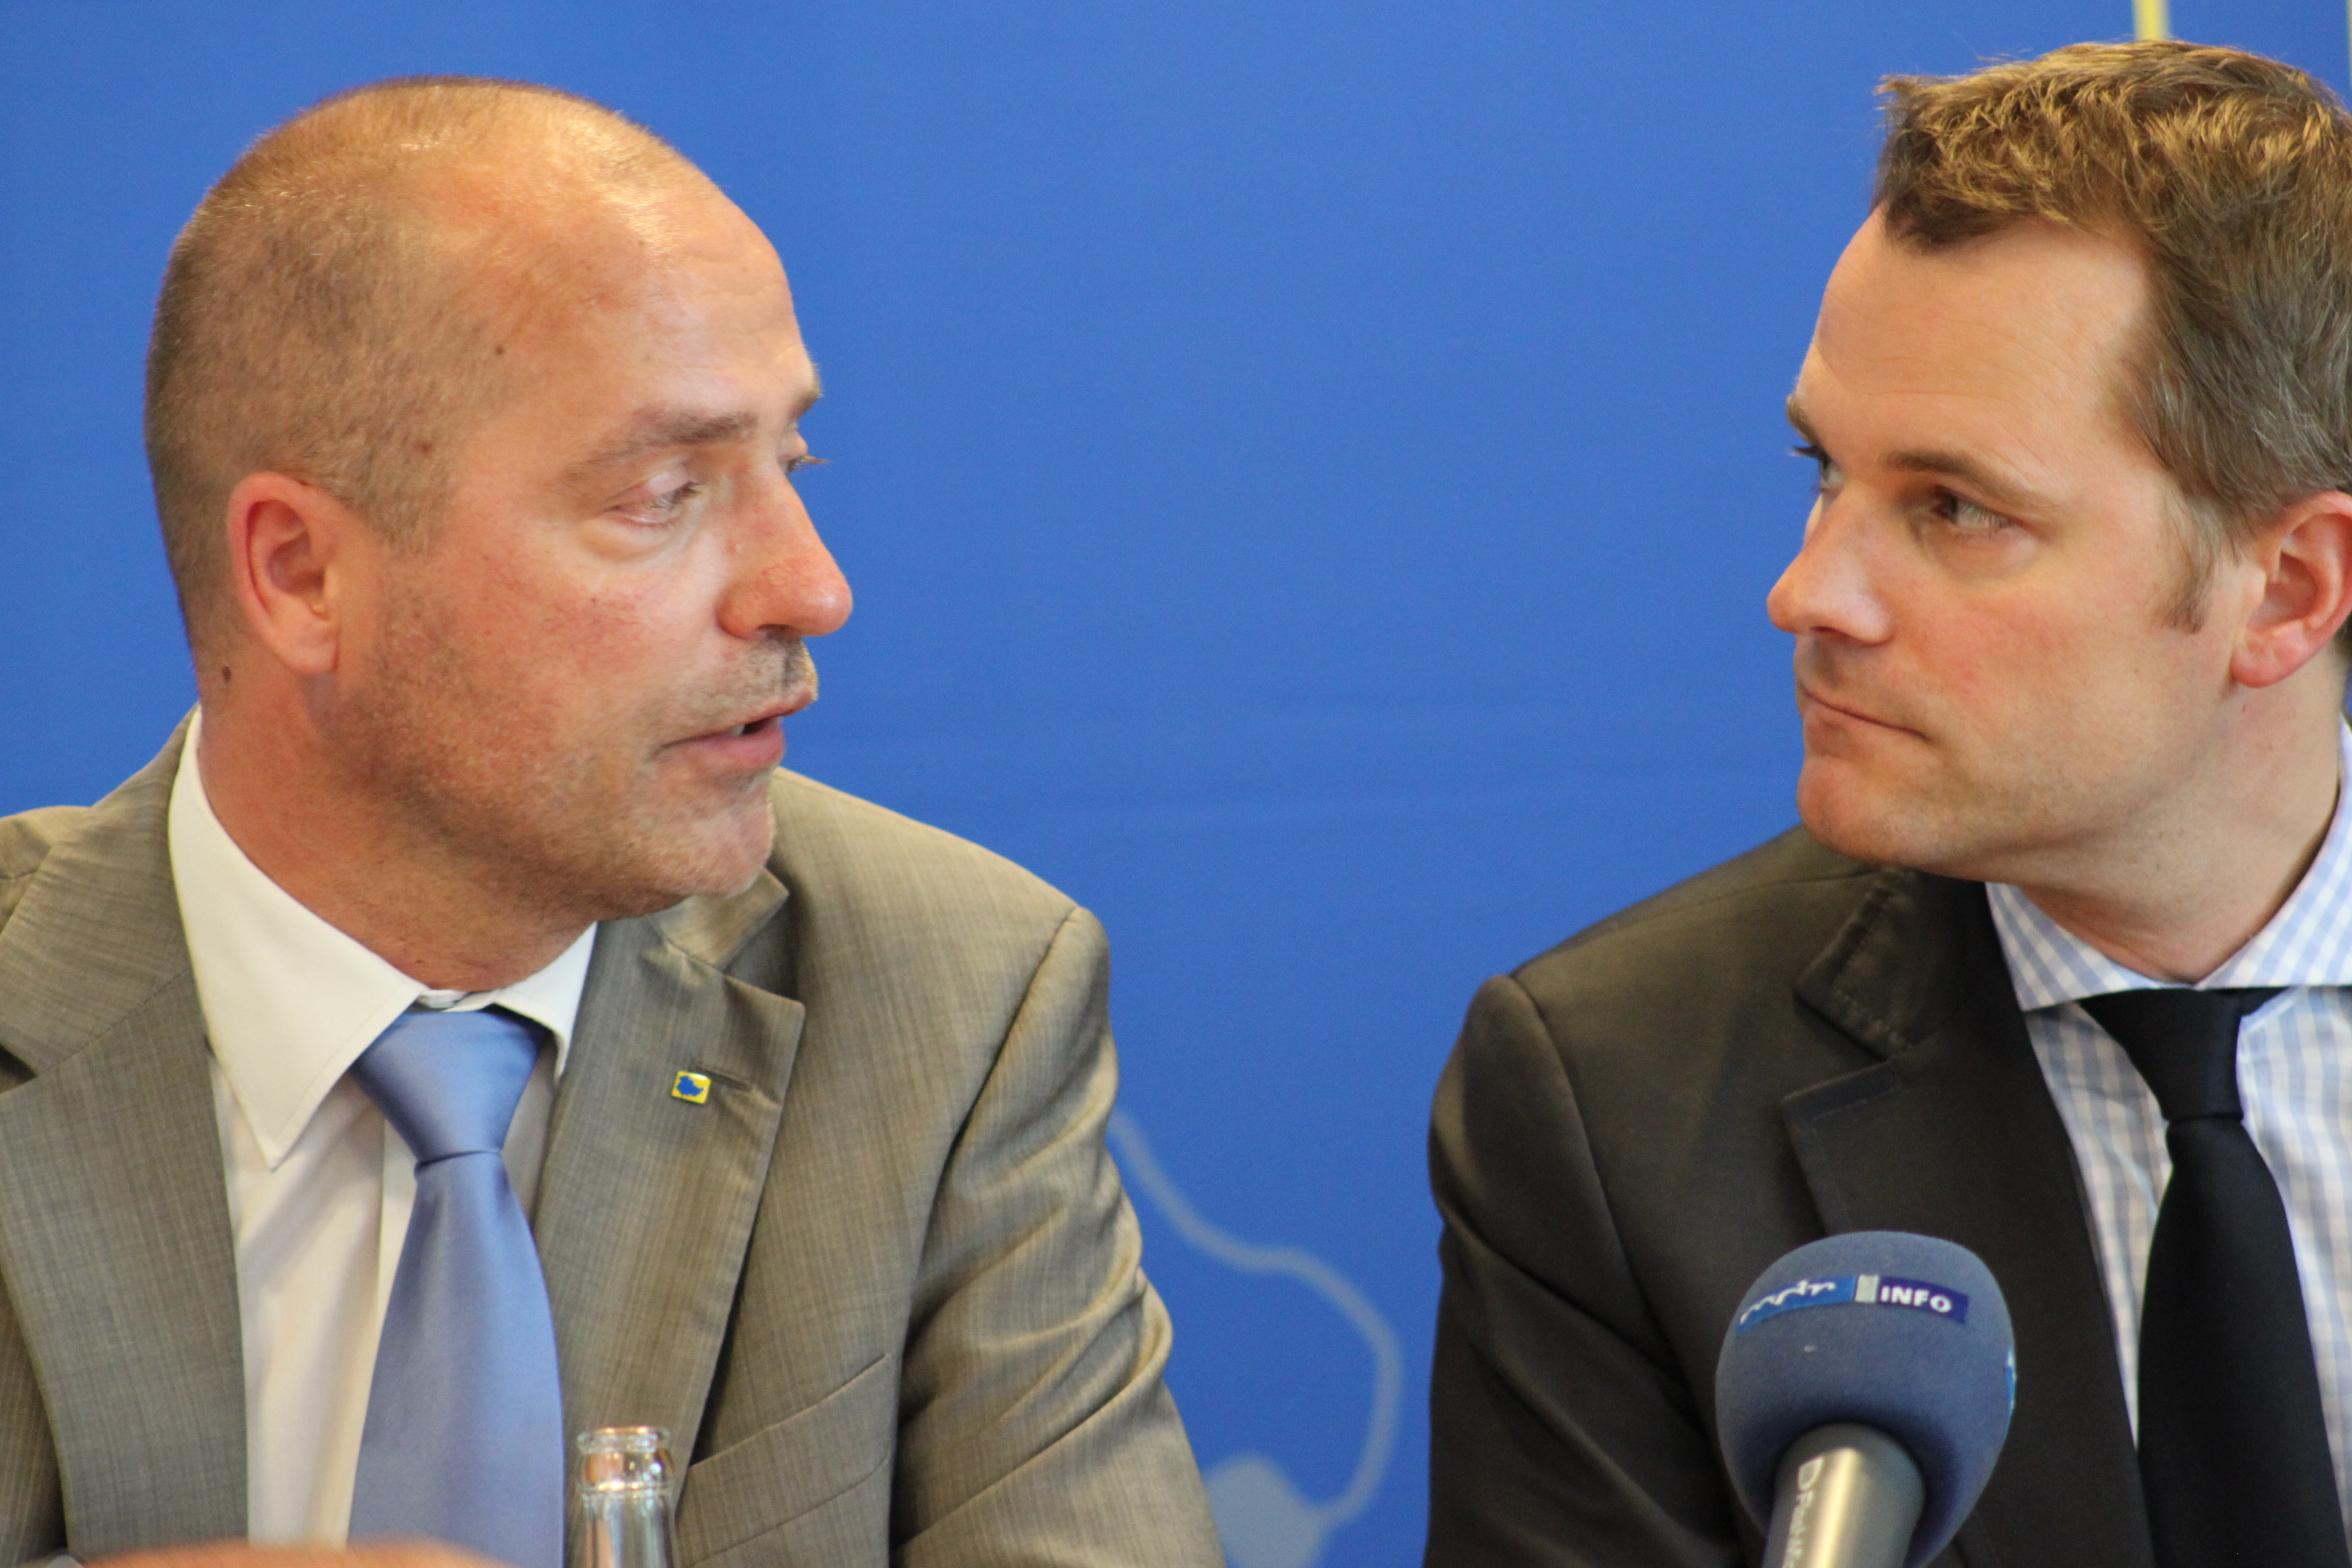 FDP-Fraktionsvorsitzendenkonferenz tagt in Erfurt